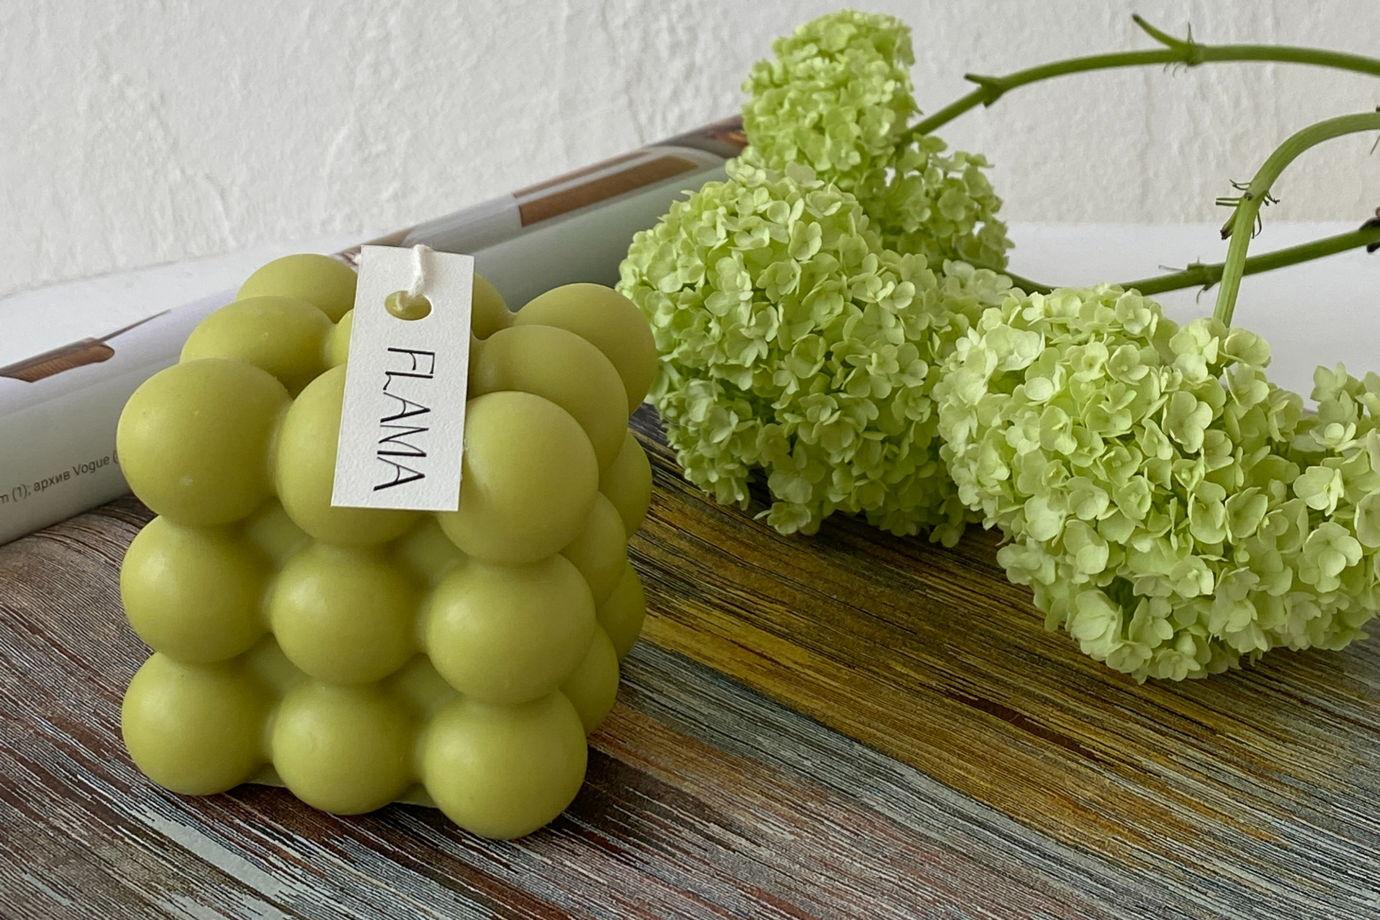 Свеча соевая оливковая в форме куба (бабл) для интерьера, подарка и декора дома ручной работы Flama